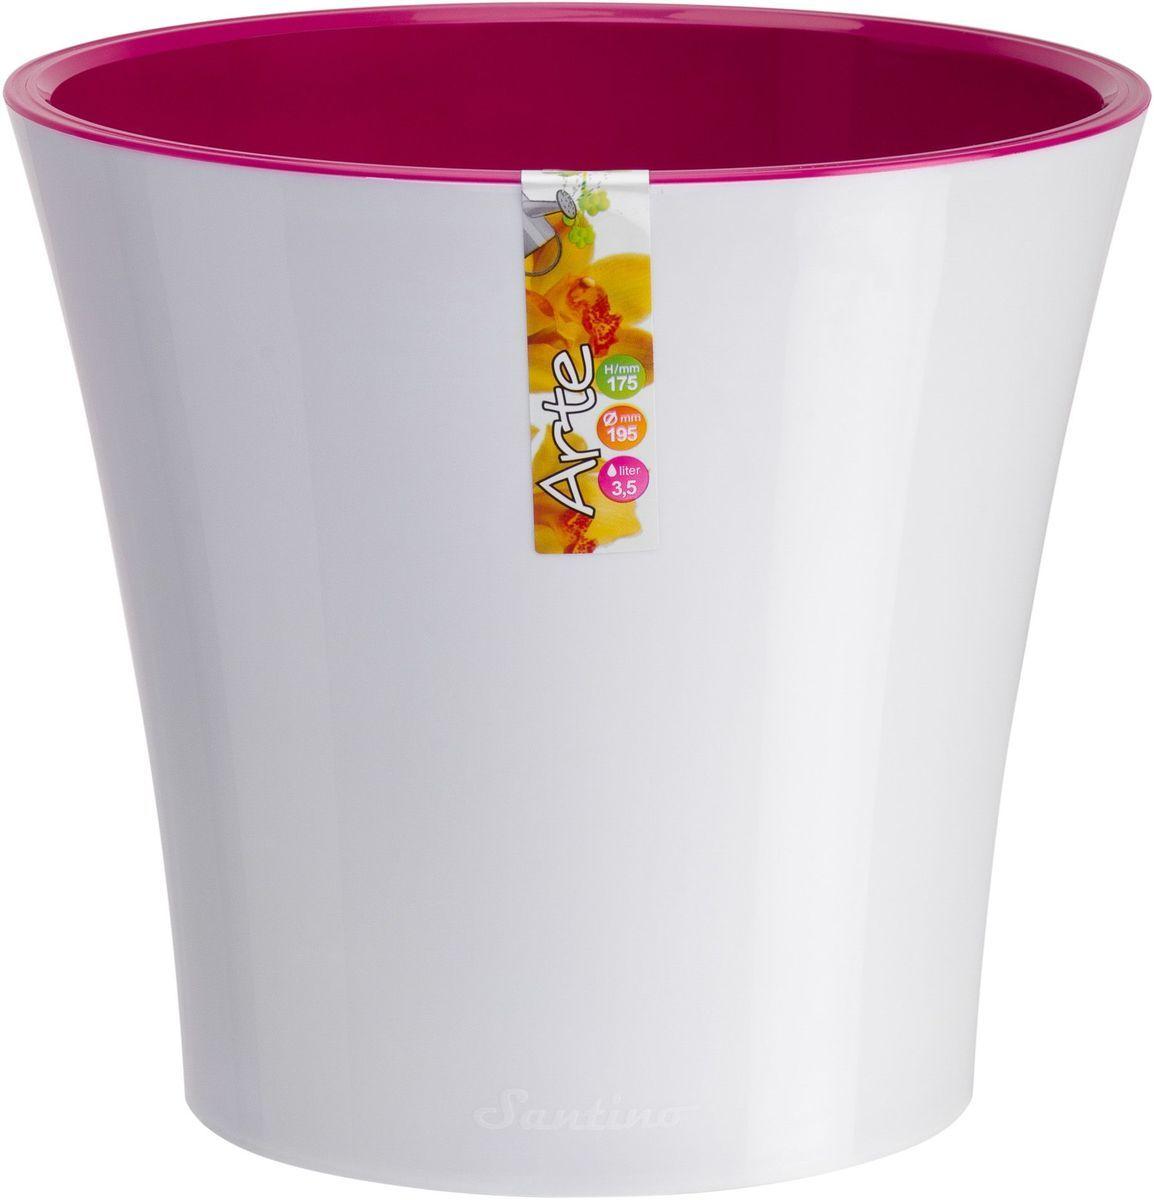 Горшок цветочный Santino Арте, двойной, с системой автополива, цвет: белый, лиловый, 3,5 лАРТ 3,5 Б-ЛГоршок цветочный Santino Арте снабжен дренажной системой и состоит из кашпо и вазона-вкладыша. Изготовлен из пластика. Особенность: тарелочка или блюдце не нужны. Горшок предназначен для любых растений или цветов. Цветочный дренаж – это система, которая позволяет выводить лишнюю влагу через корневую систему цветка и слой почвы. Растение – это живой организм, следовательно, ему необходимо дышать. В доступе к кислороду нуждаются все части растения: -листья; -корневая система. Если цветовод по какой-либо причине зальет цветок водой, то она буквально вытеснит из почвенного слоя все пузырьки кислорода. Анаэробная среда способствует развитию различного рода бактерий. Безвоздушная среда приводит к загниванию корневой системы, цветок в результате увядает. Суть работы дренажной системы заключается в том, чтобы осуществлять отвод лишней влаги от растения и давать возможность корневой системе дышать без проблем. Следовательно, каждому цветку необходимо: -иметь в основании цветочного горшочка хотя бы одно небольшое дренажное отверстие. Оно необходимо для того, чтобы через него выходила лишняя вода, плюс ко всему это отверстие дает возможность циркулировать воздух. -на самом дне горшка необходимо выложить слоем в 2-5 см (зависит от вида растения) дренаж.УВАЖАЕМЫЕ КЛИЕНТЫ!Обращаем ваше внимание на тот факт, что фото изделия служит для визуального восприятия товара. Литраж и размеры, представленные на этикетке товара, могут по факту отличаться от реальных. Корректные данные в поле Размеры.